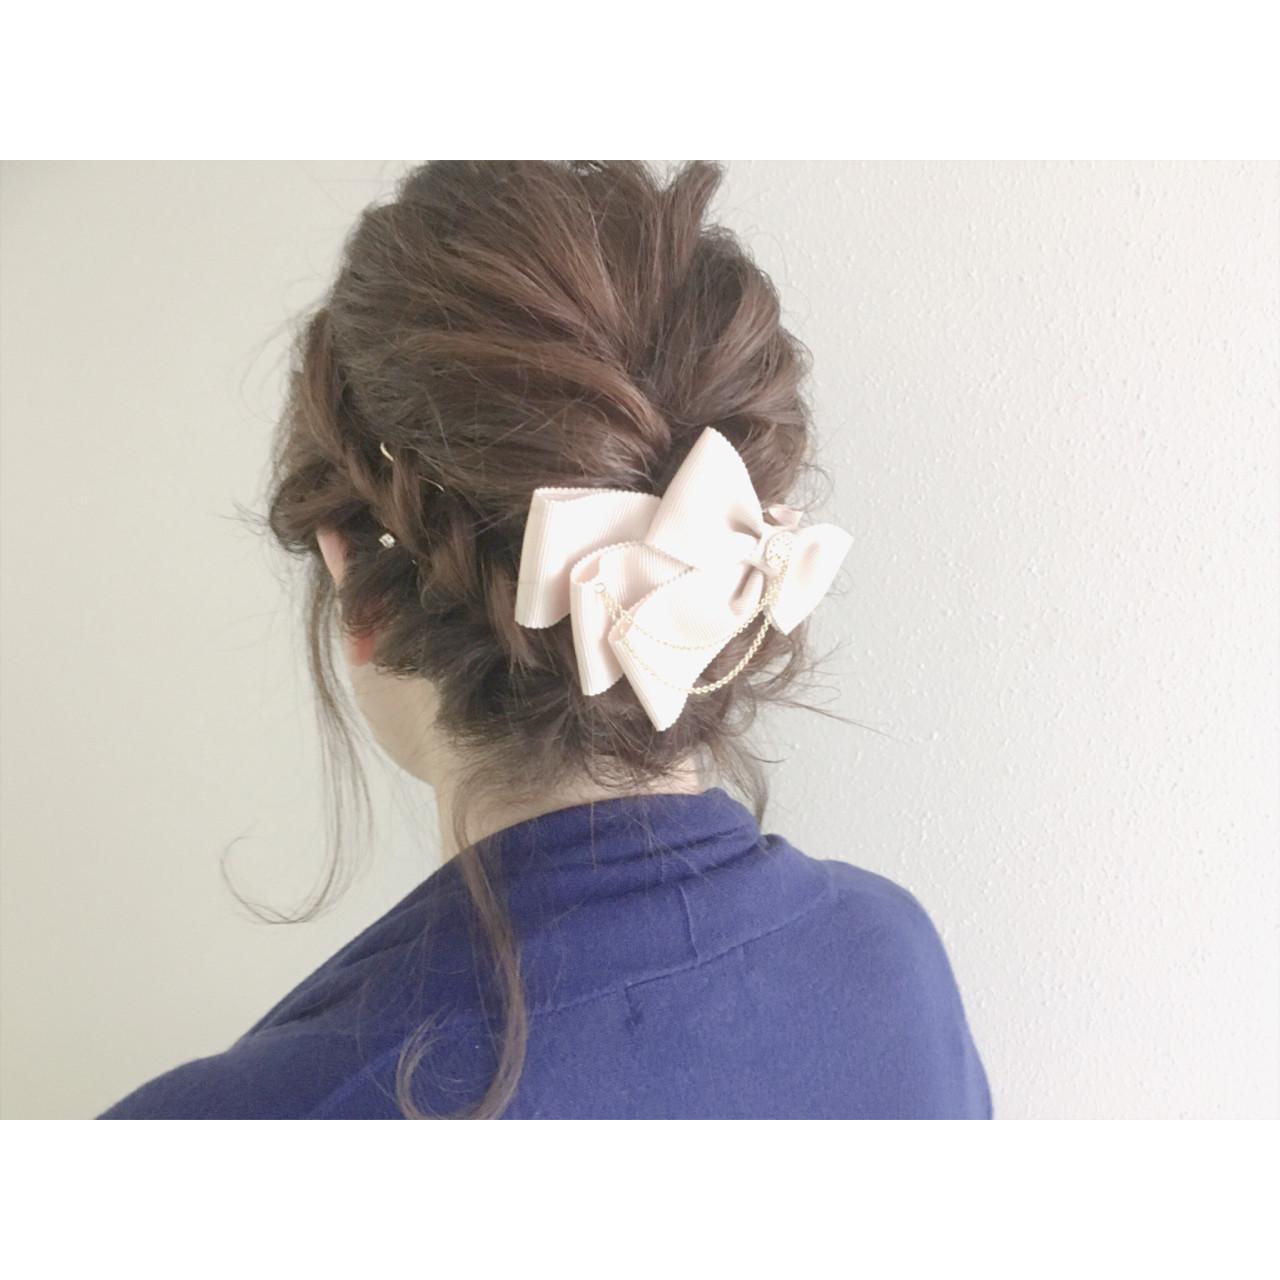 結婚式・お呼ばれに。おすすめアップのヘアスタイルとセルフアレンジ法 廣長 毅